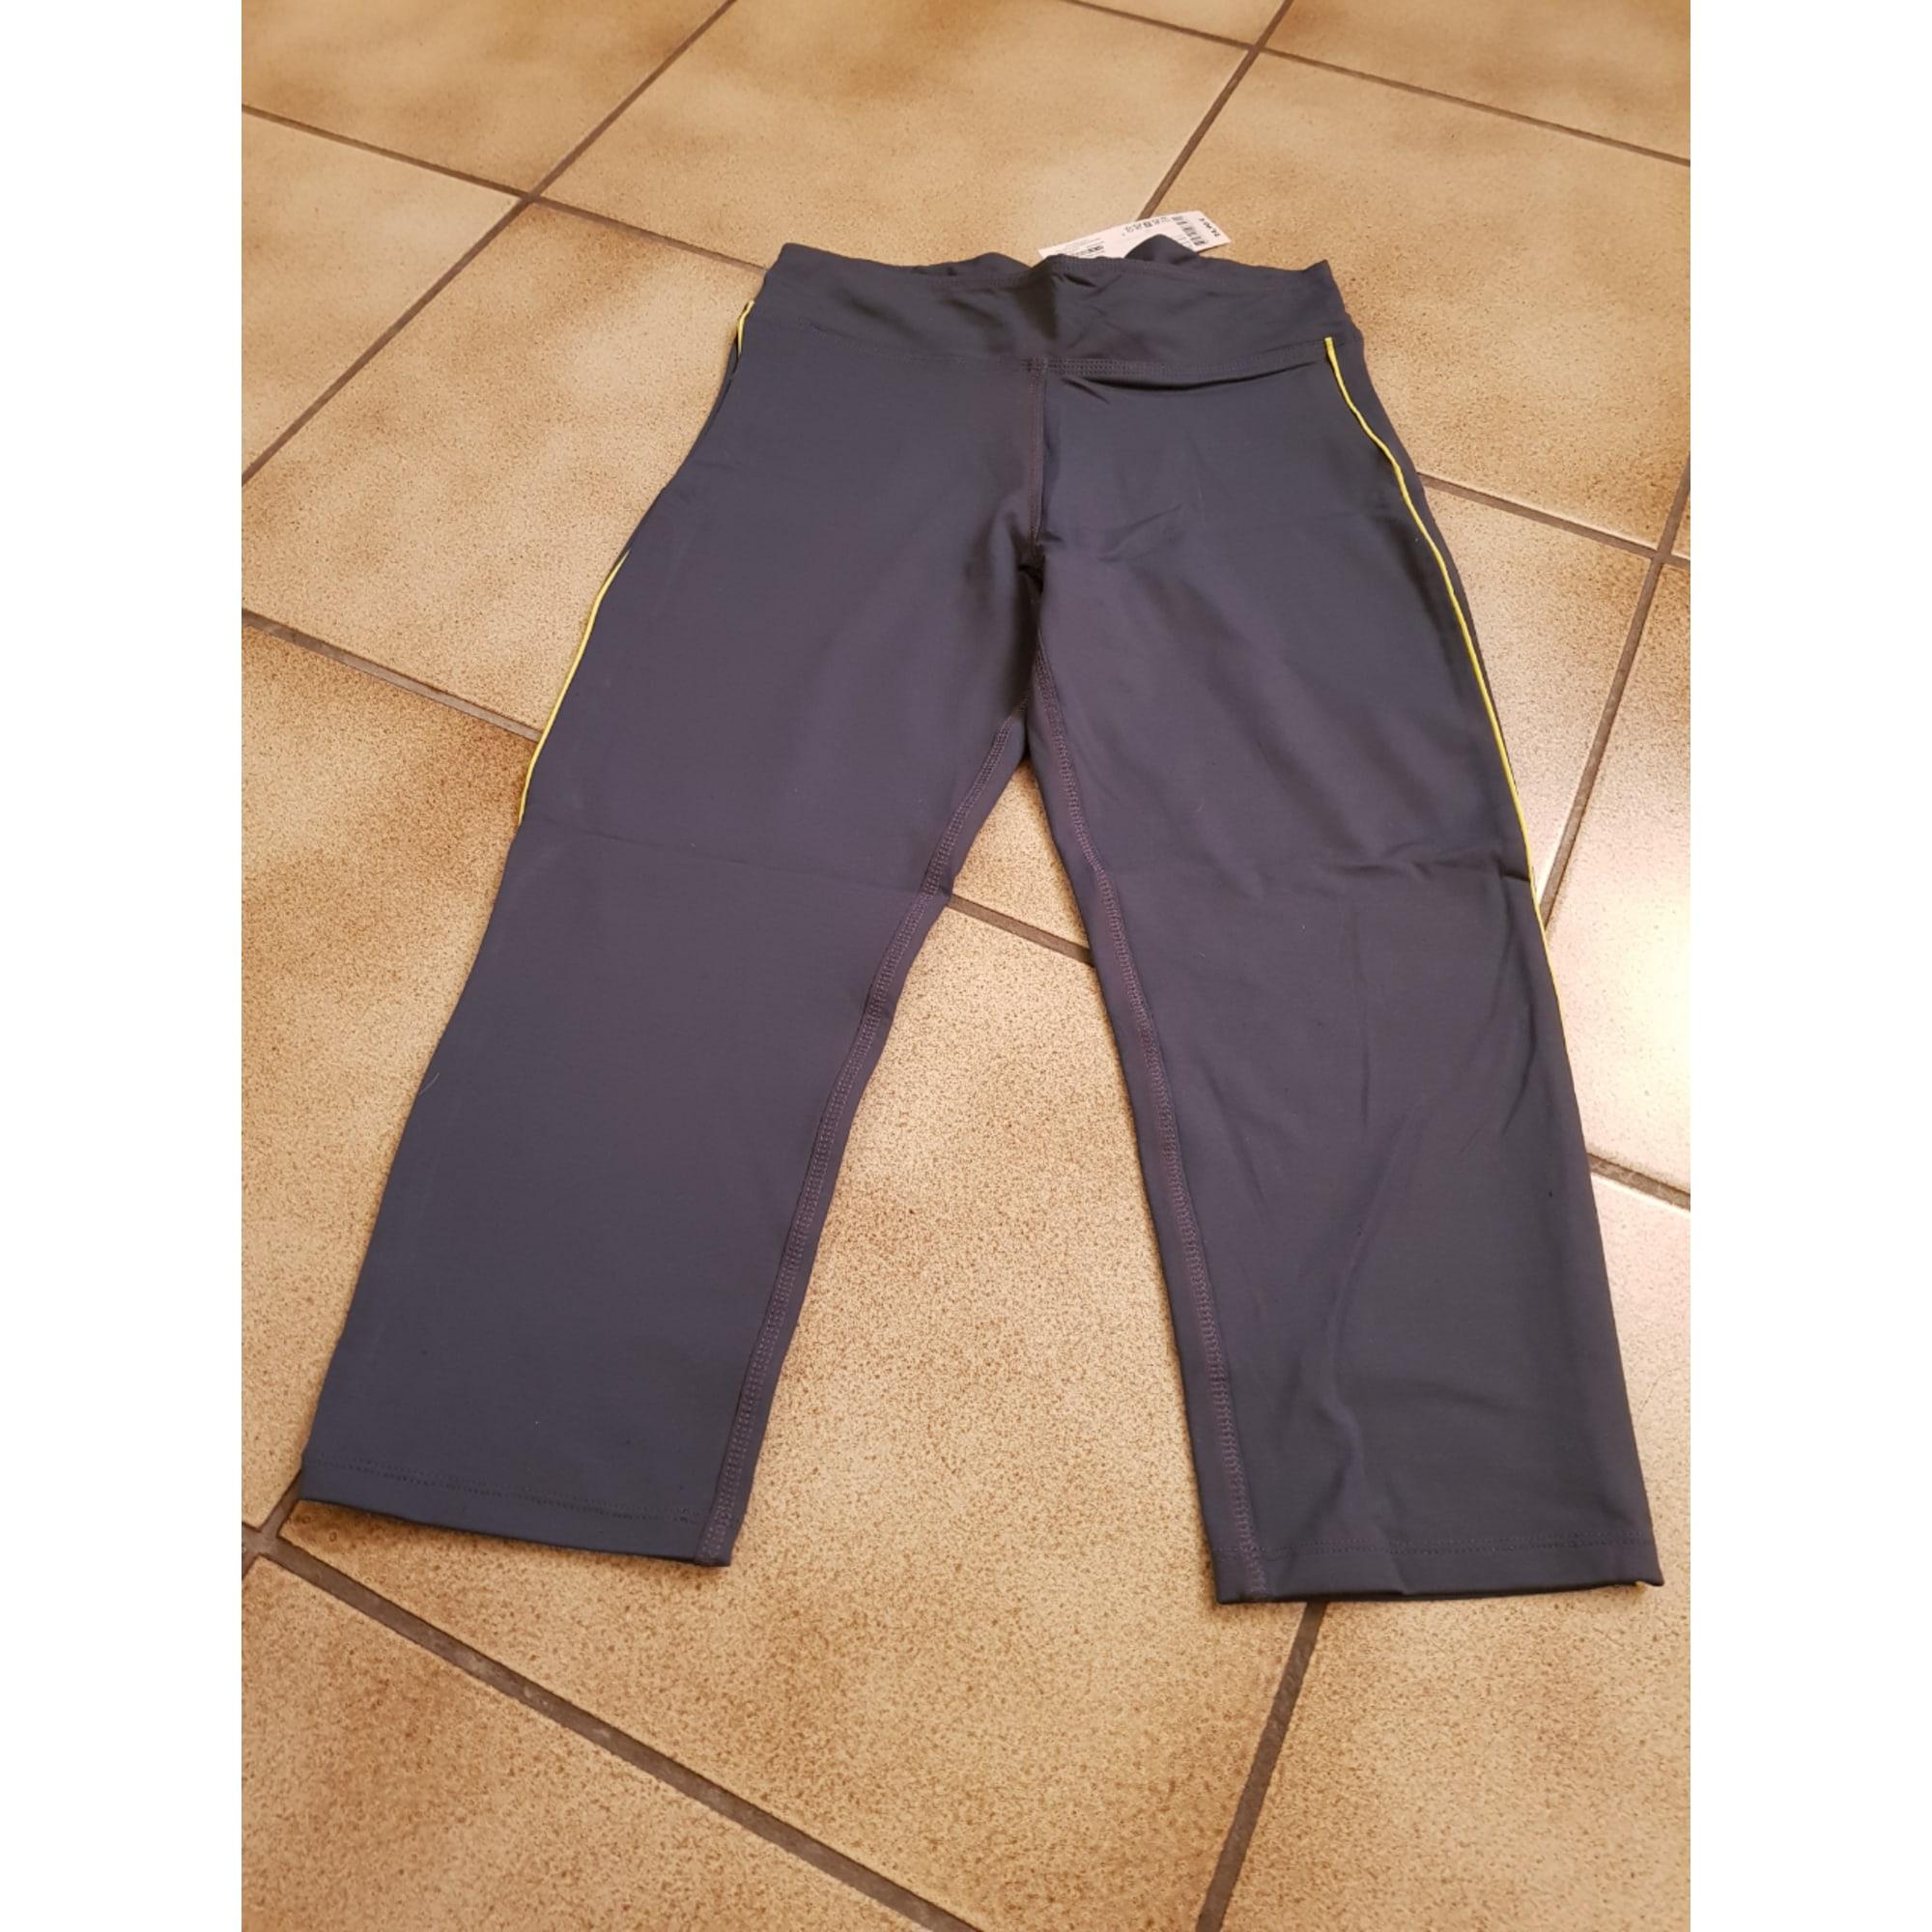 Pantalon de fitness MONOPRIX Gris, anthracite